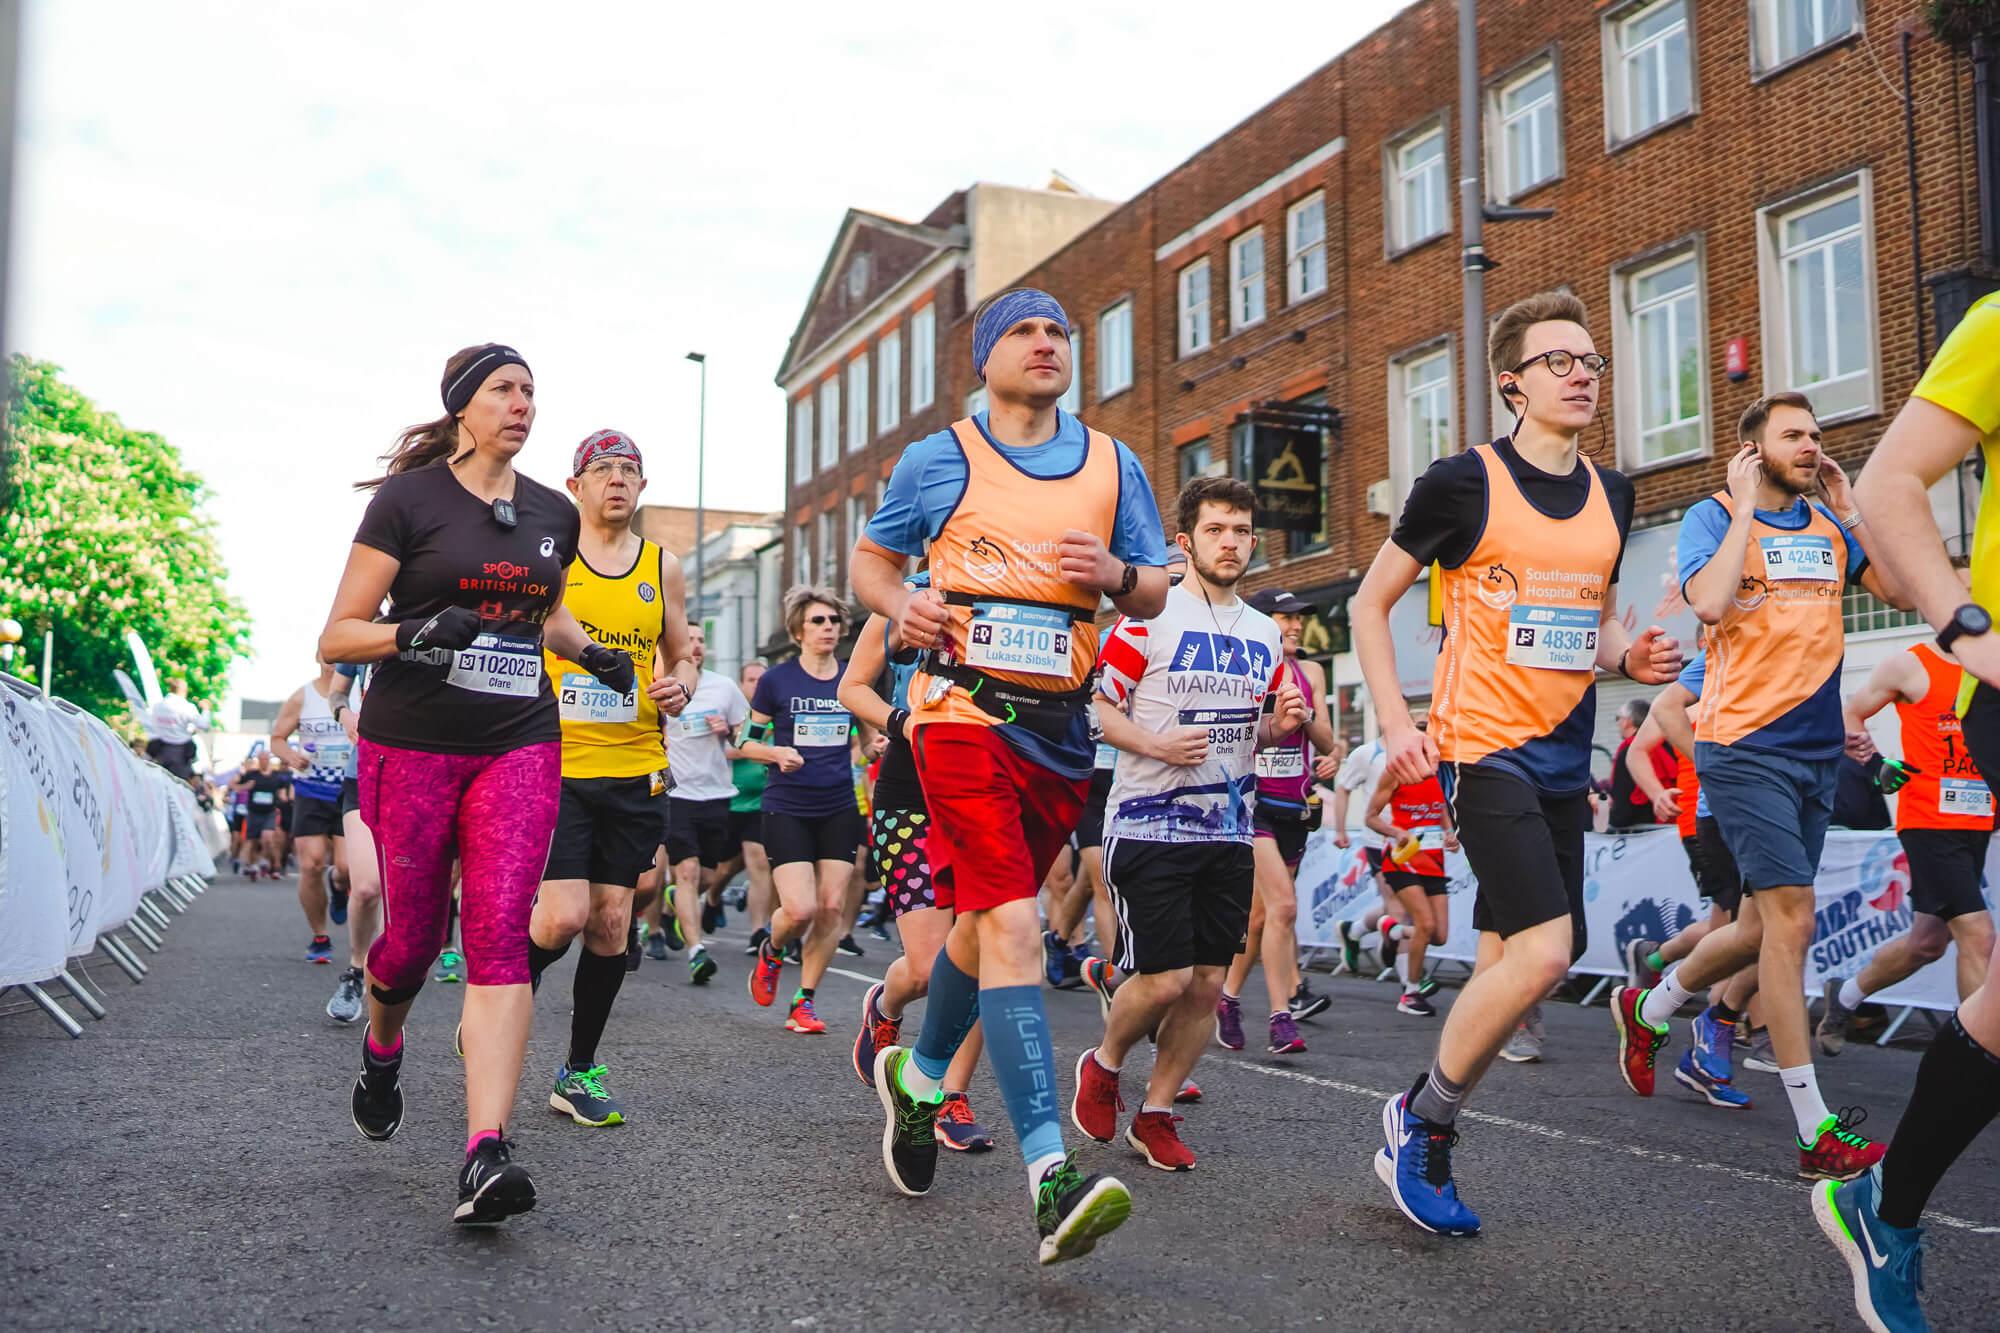 Runners running a race